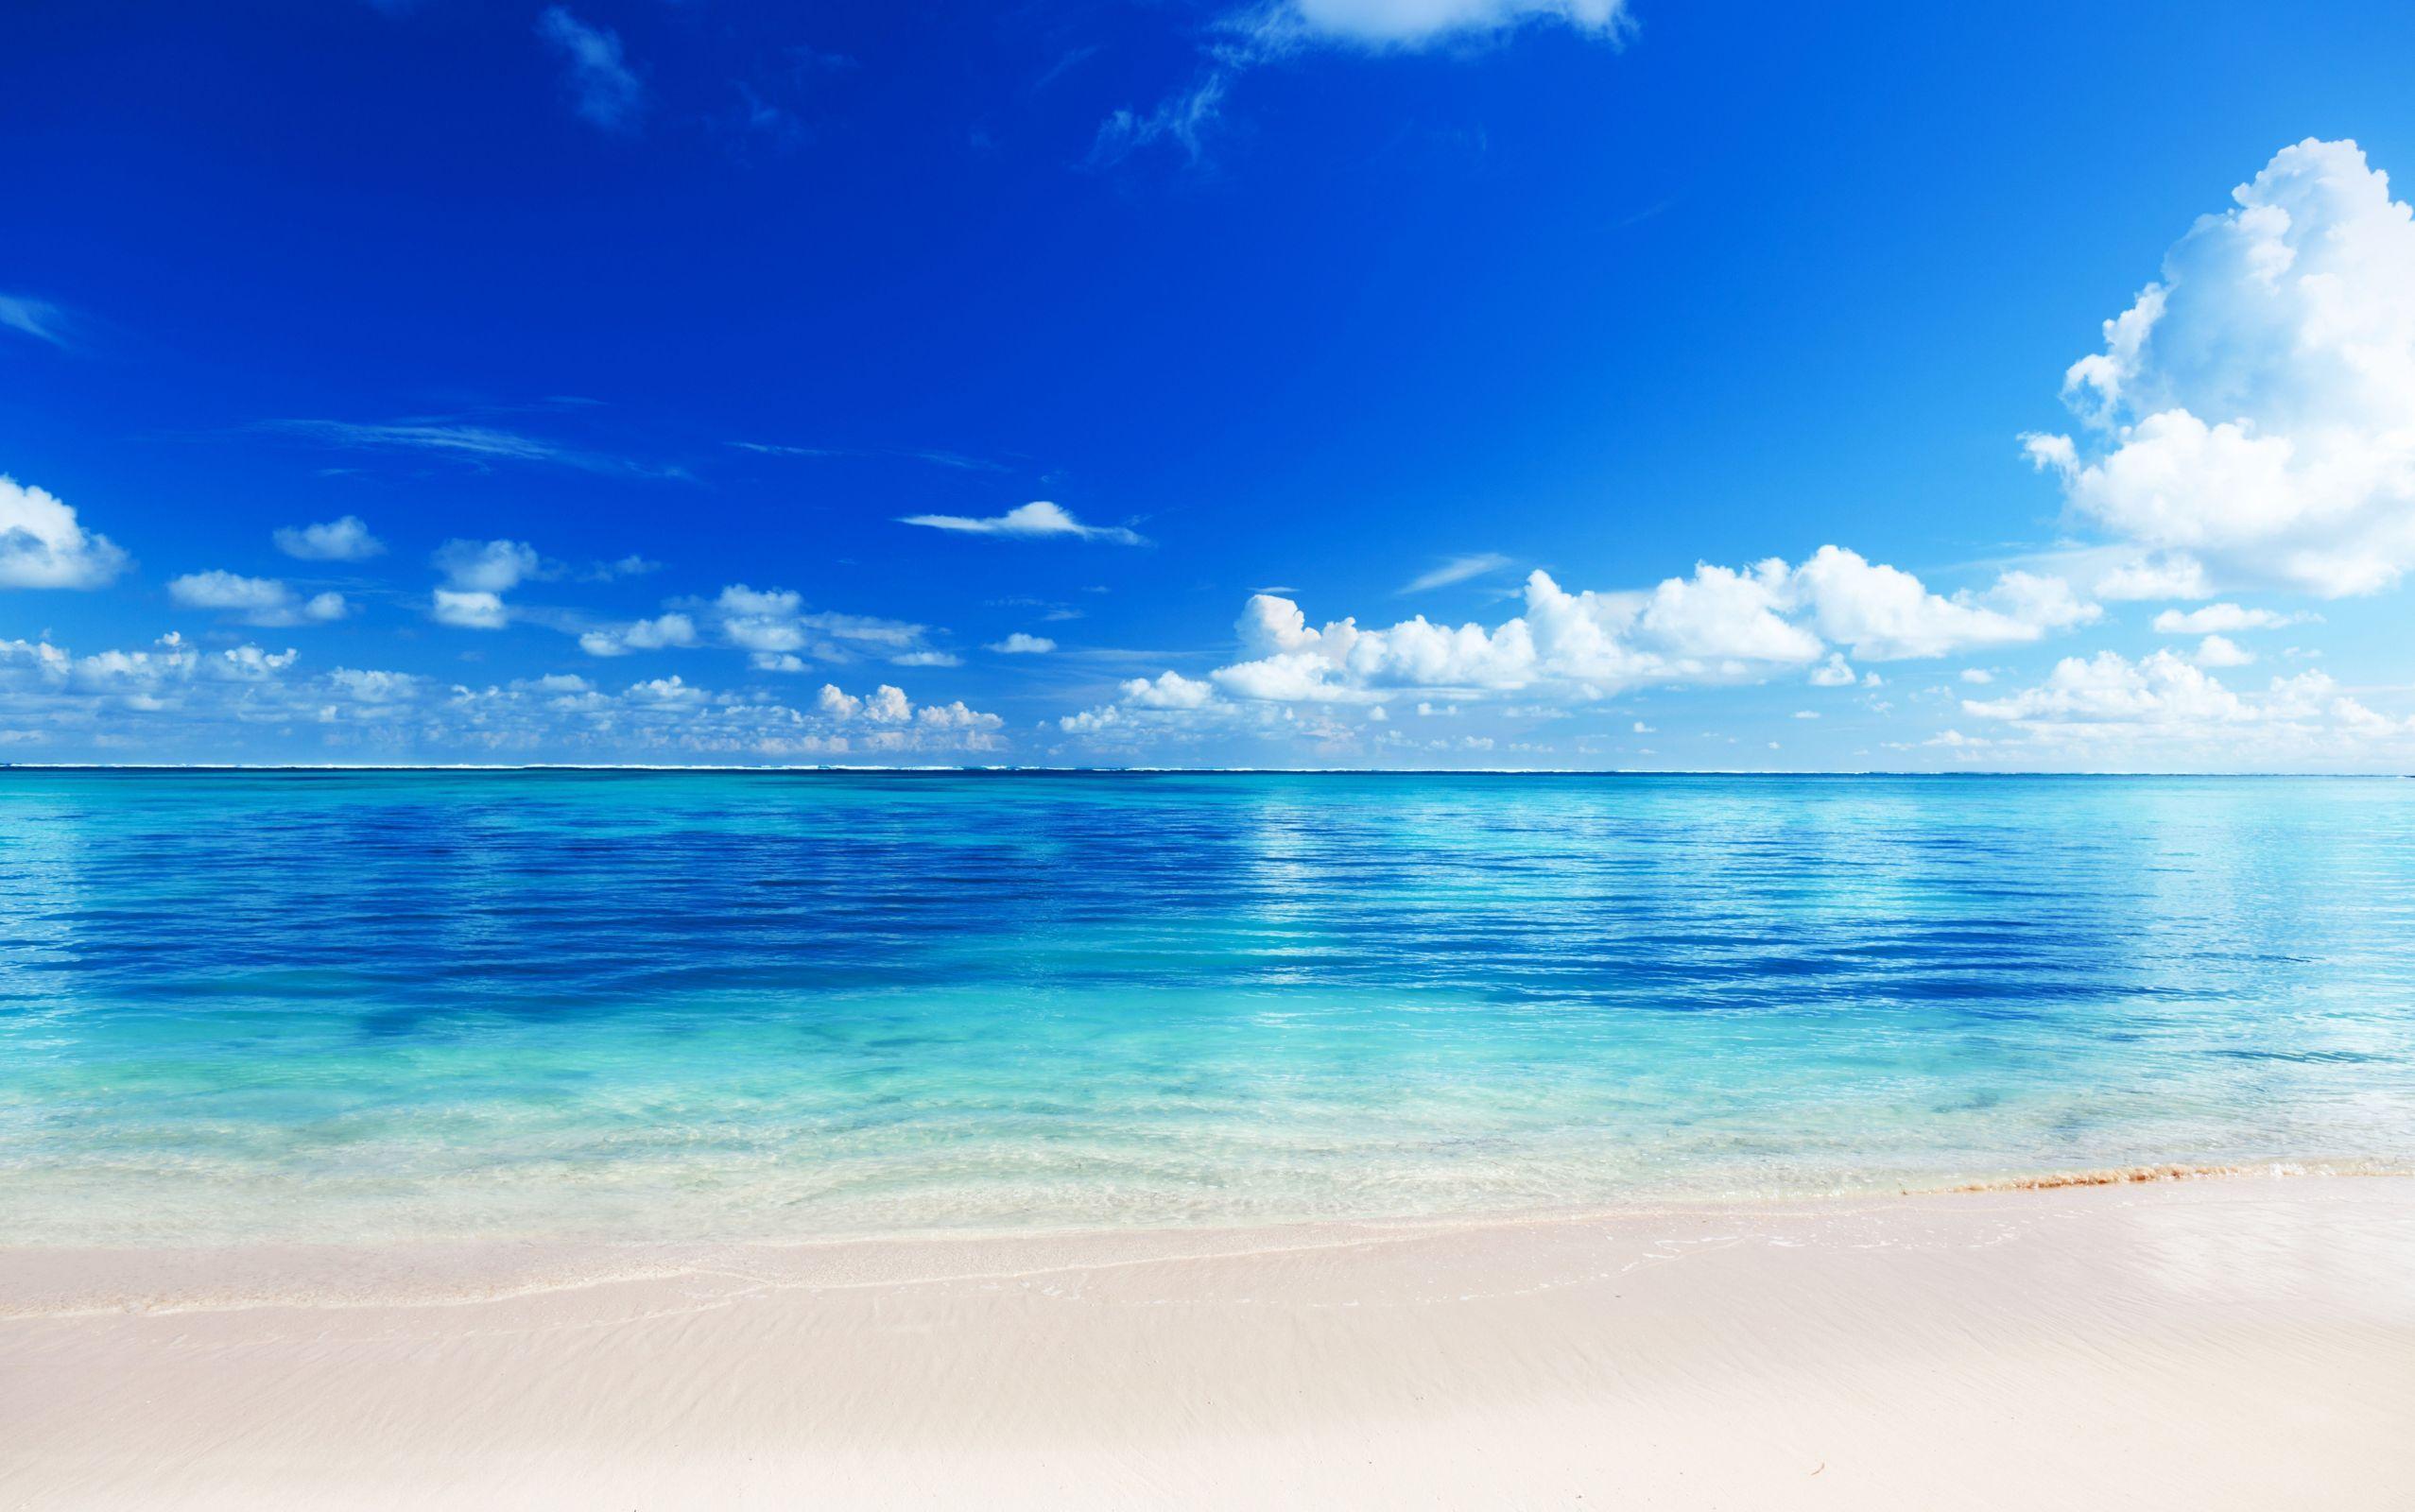 Beach sand ocean horizon sky clouds blue wallpaper 2555x1600